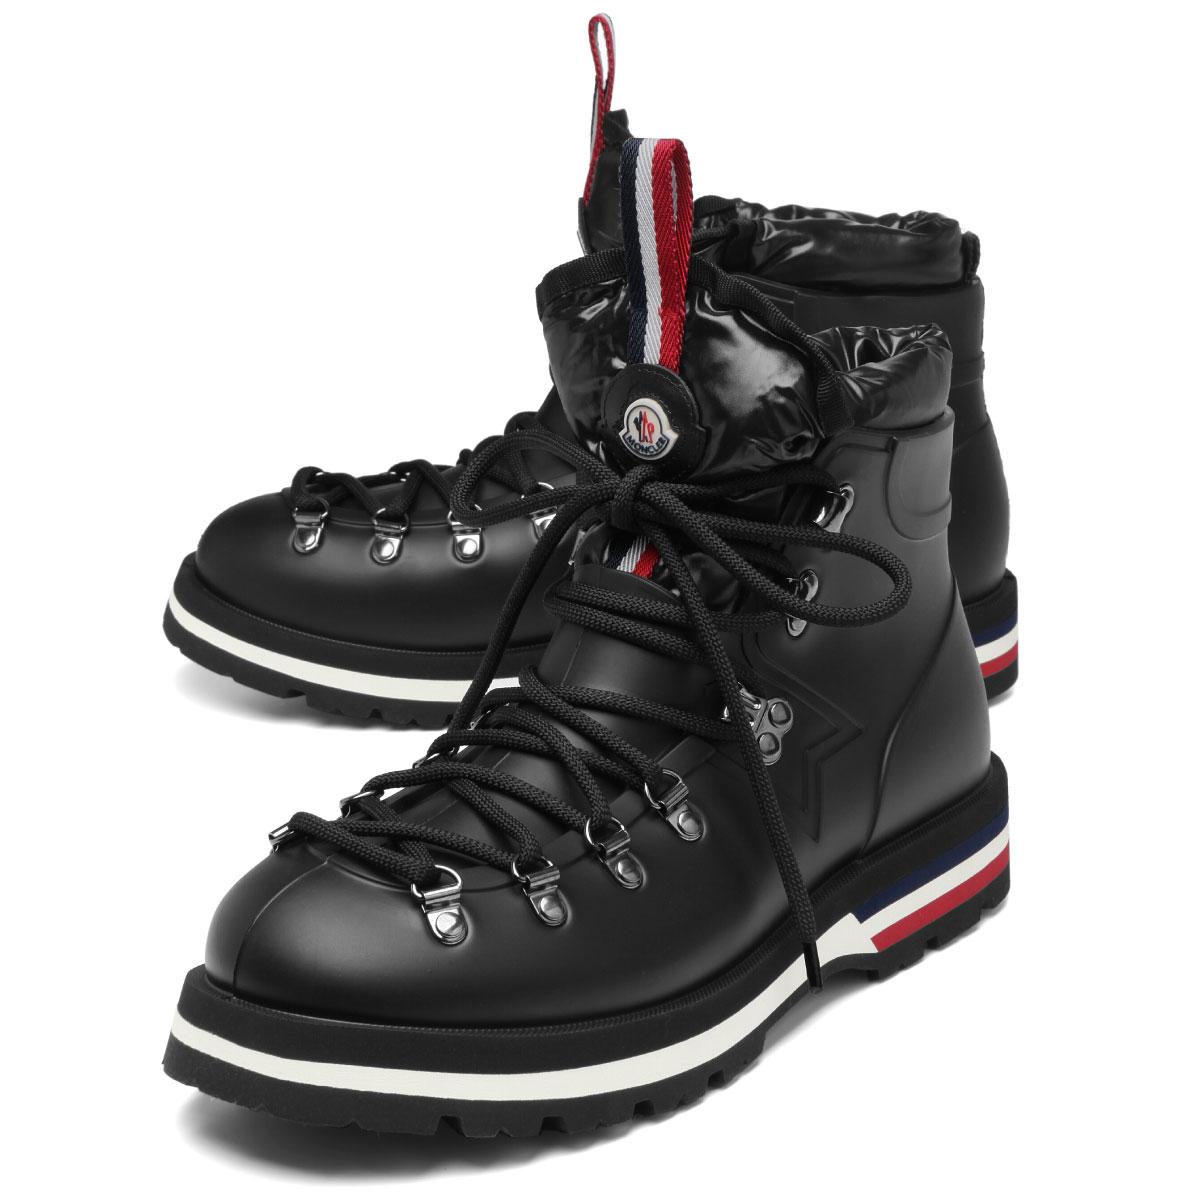 MONCLER モンクレール | ブーツ ショート | HENOC ヘノク